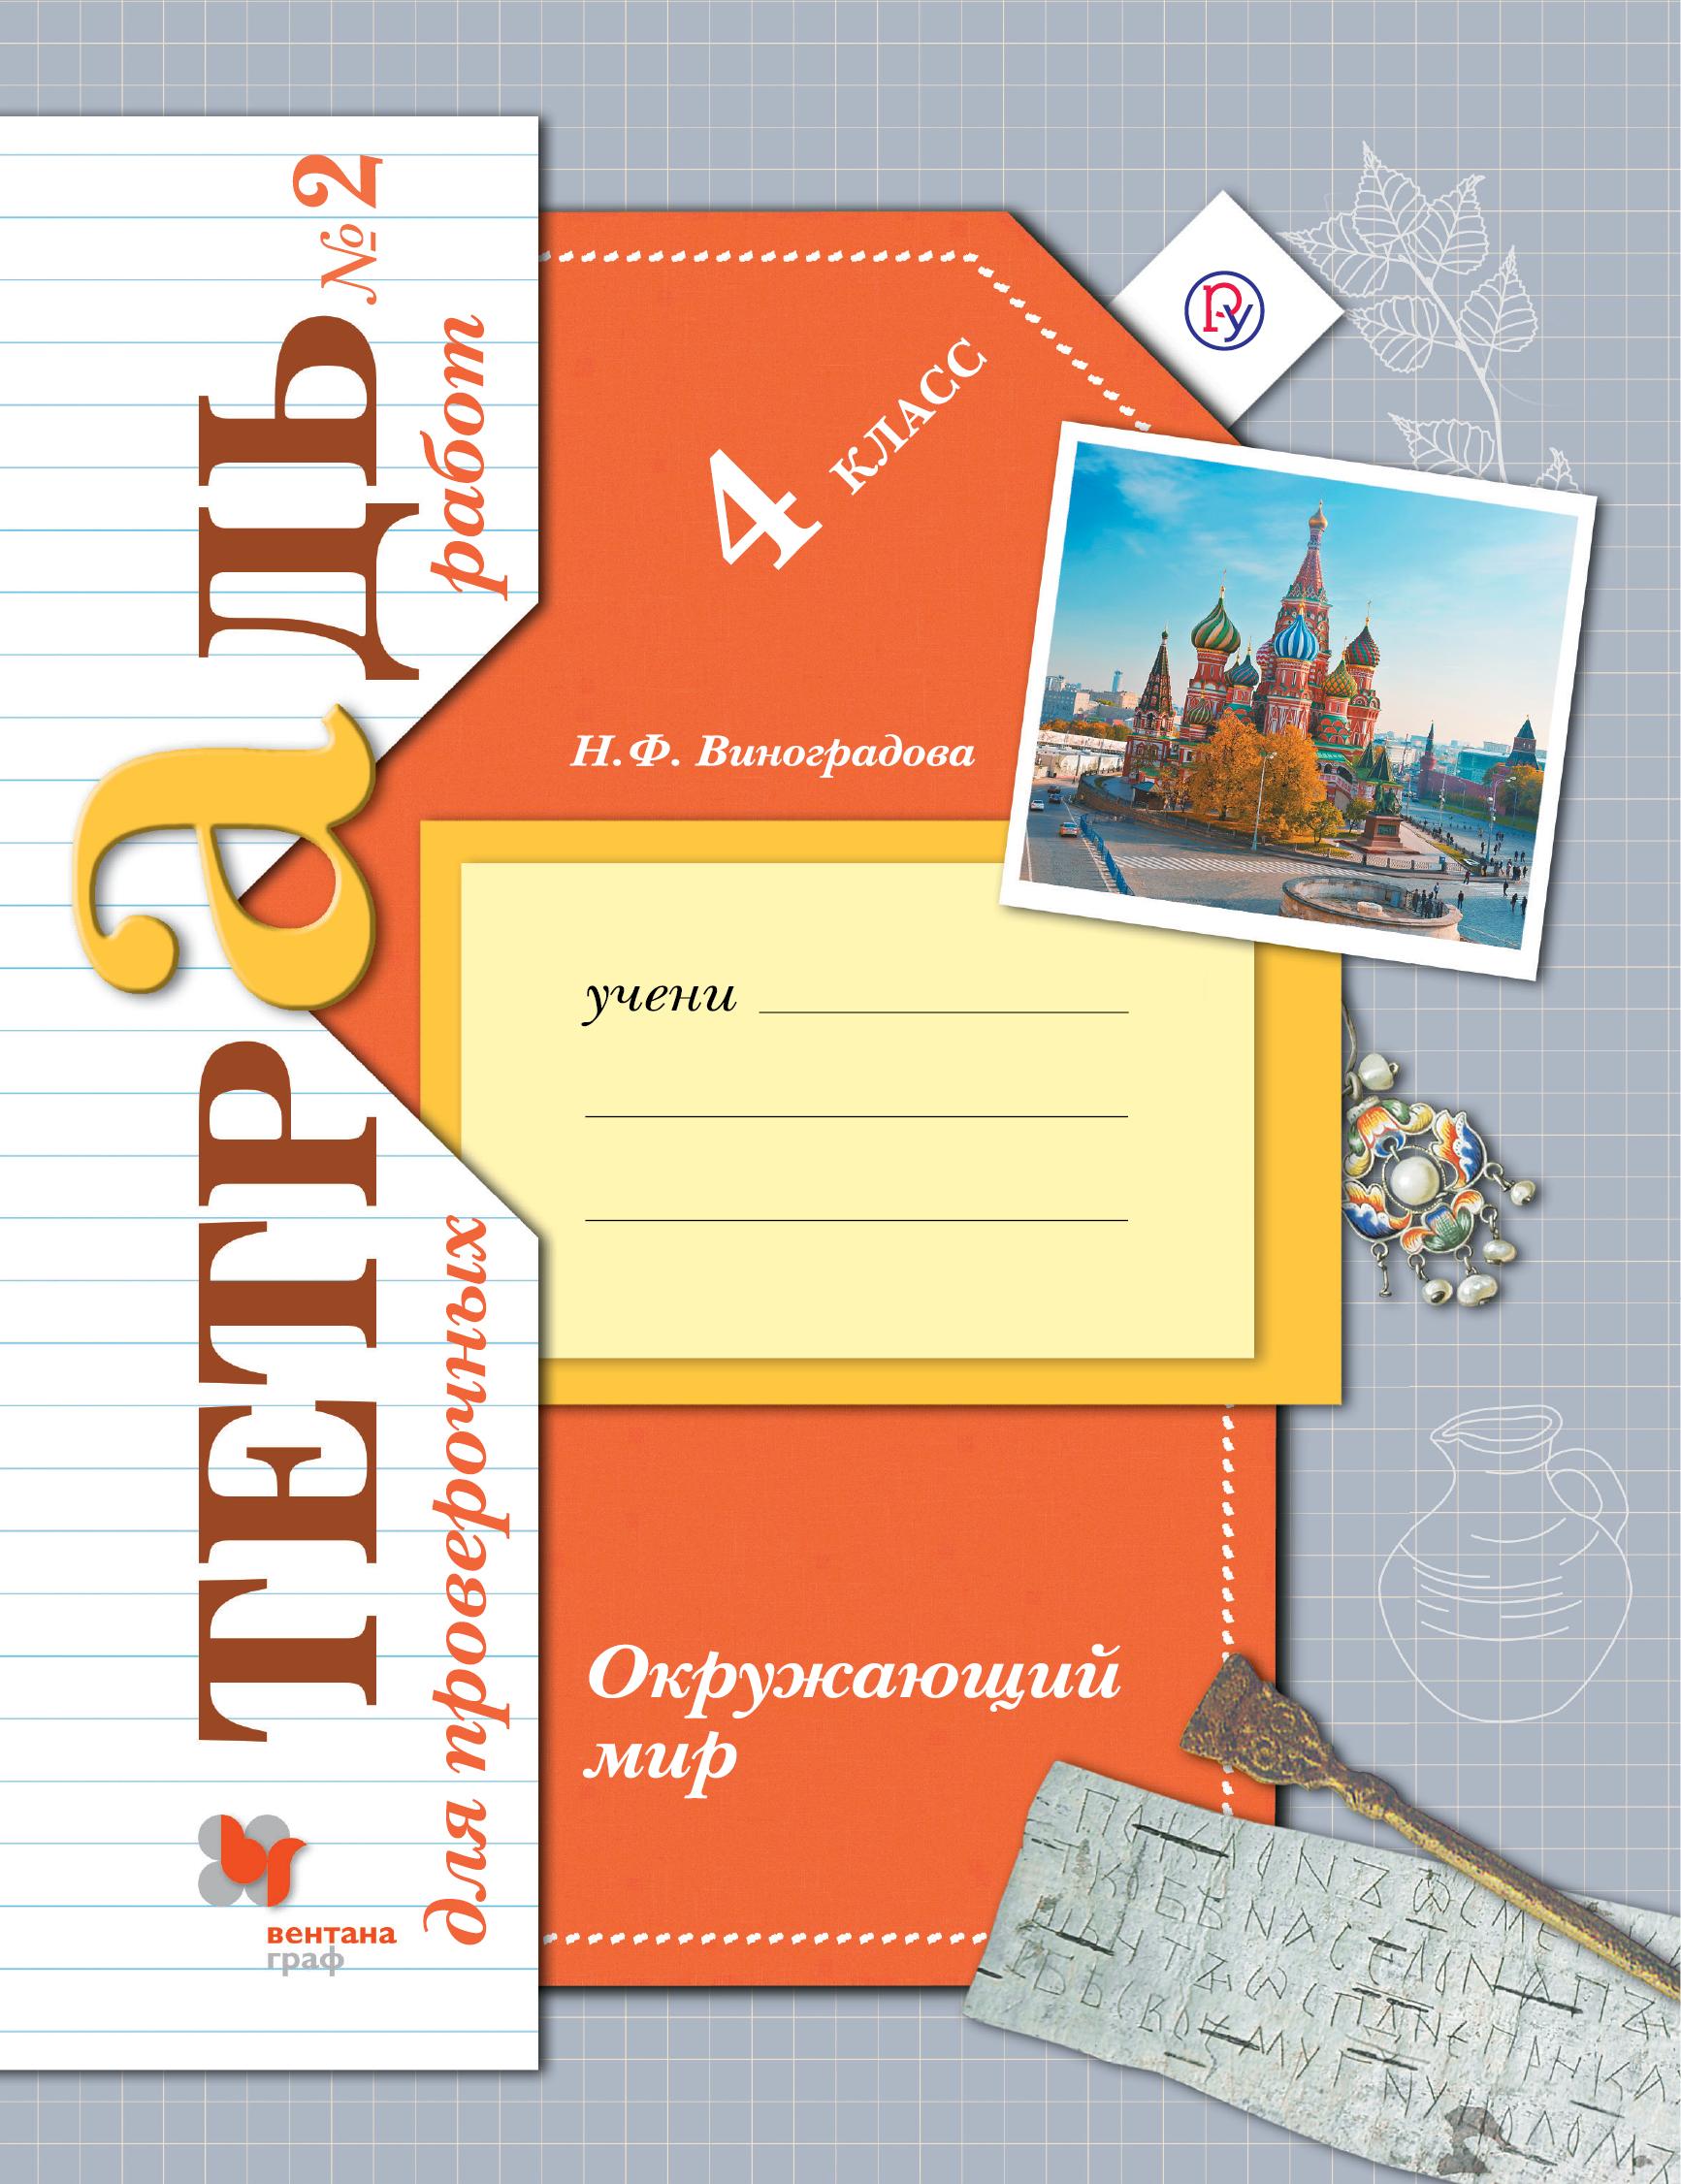 Н. Ф. Виноградова Окружающий мир. Проверяем свои знания и умения. 4 класс. Тетрадь №2 для проверочных работ